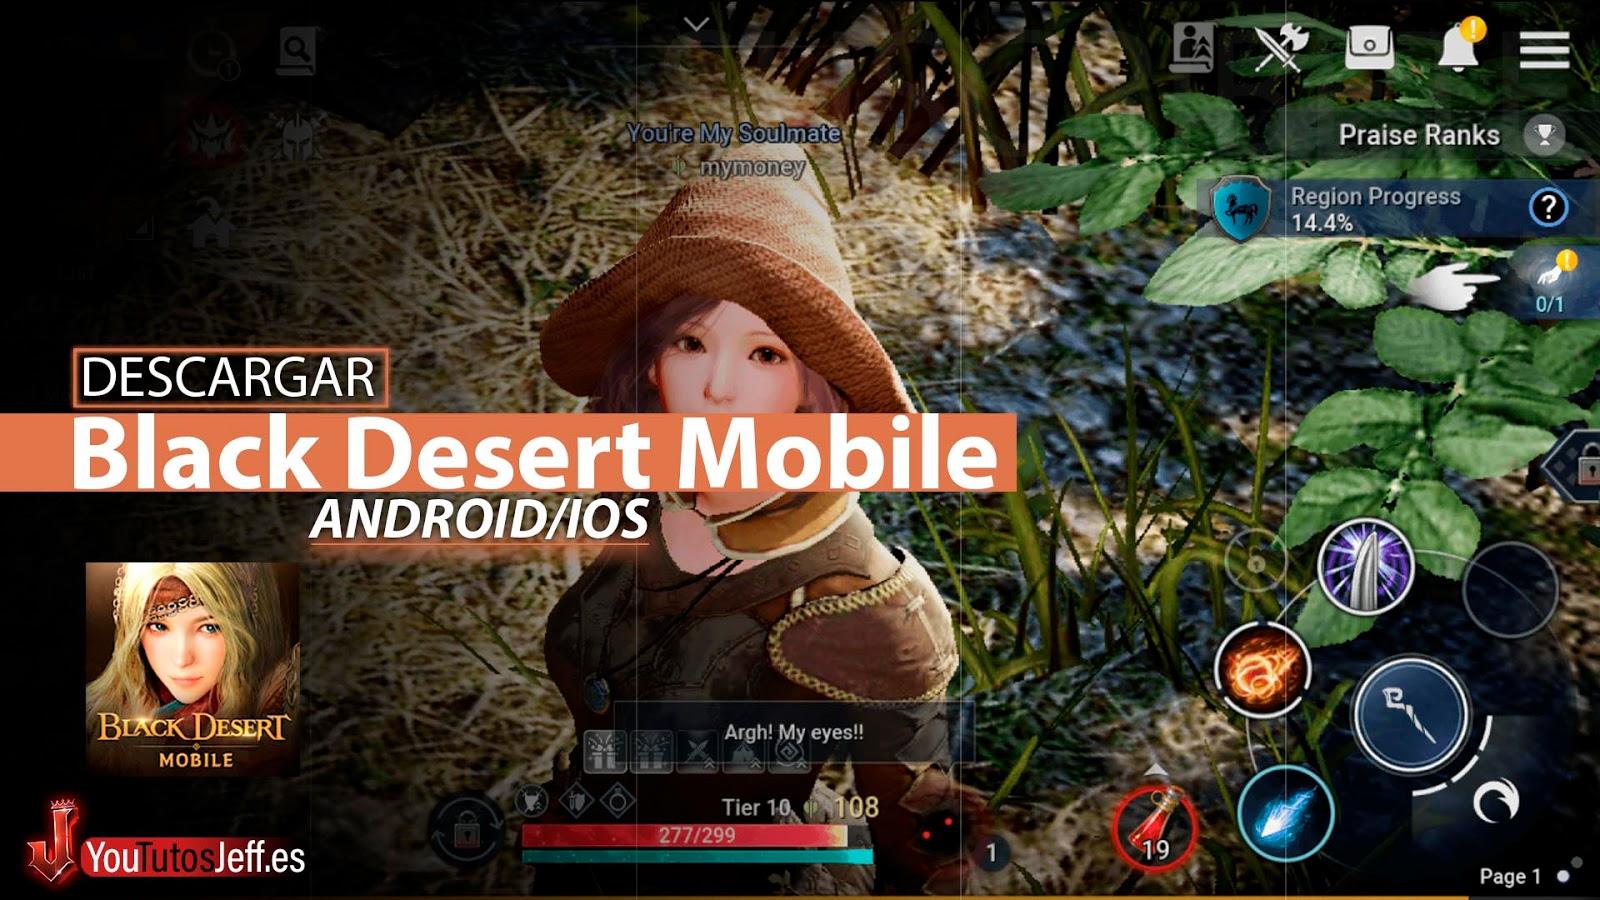 Descargar Black Desert Mobile para Android/iOS